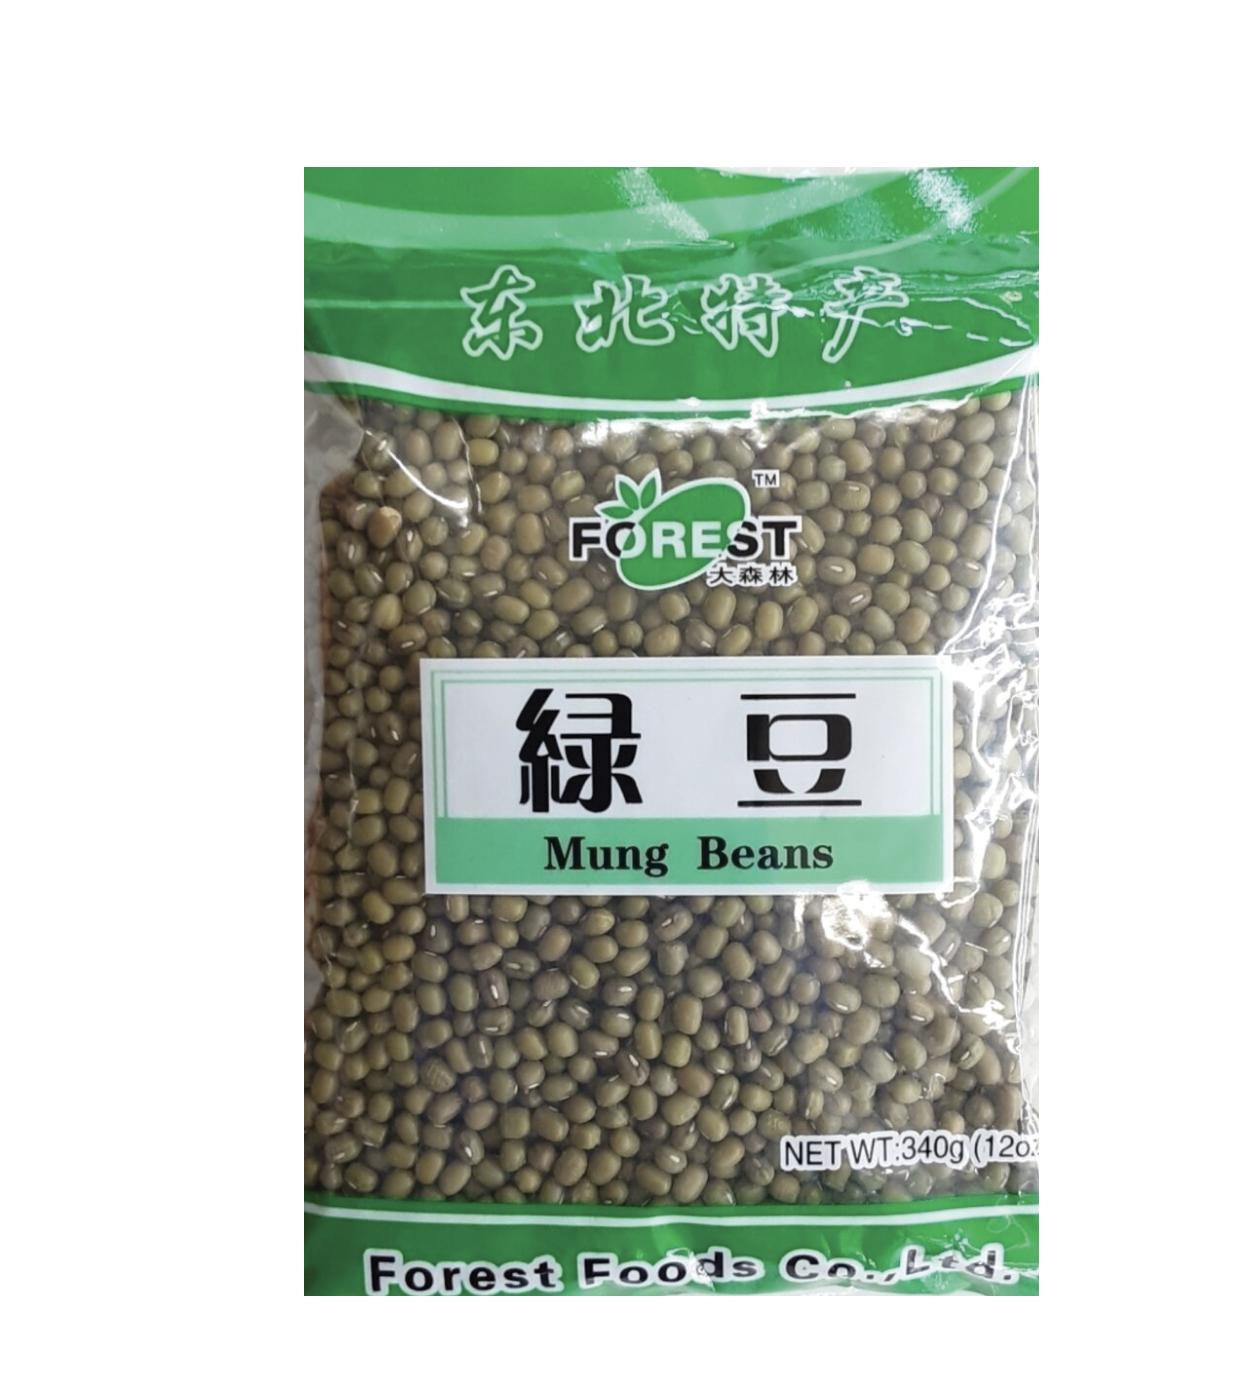 大森林 绿豆 Forest Mung Beans 340g (12 oz)